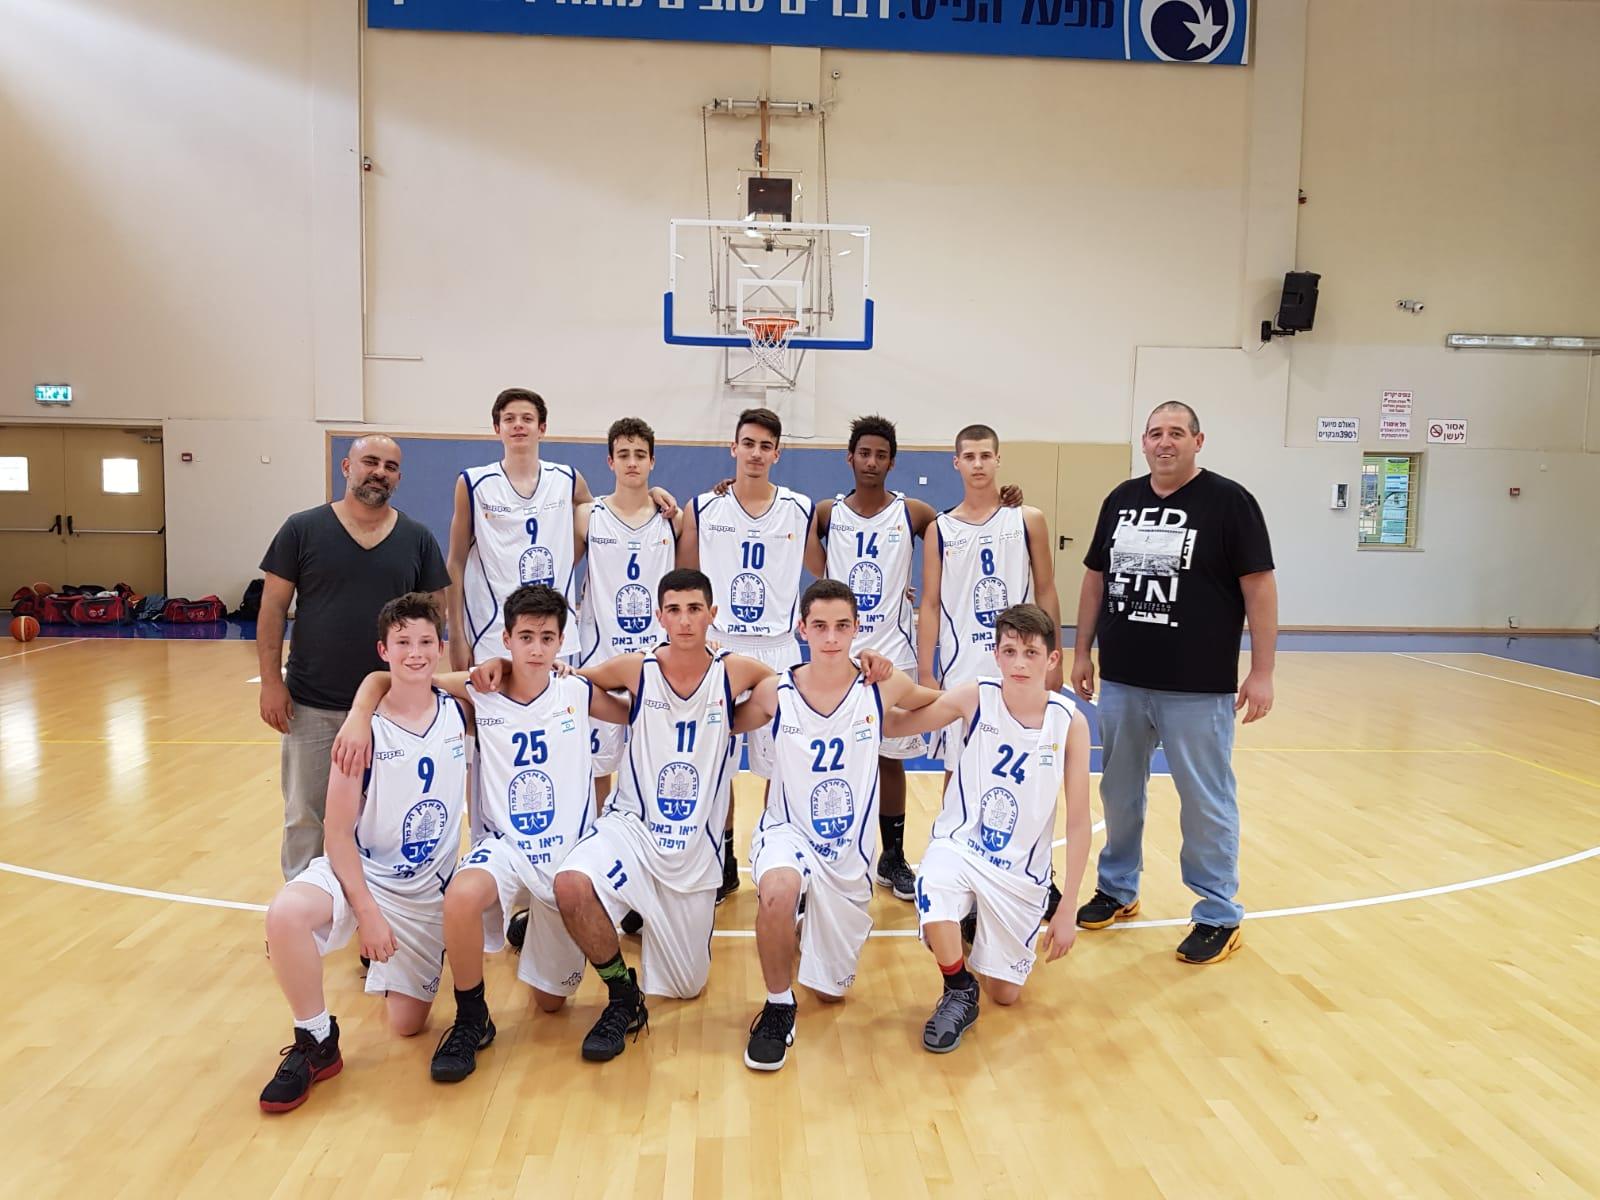 קבוצת הכדורסל של חטיבת הנעורים